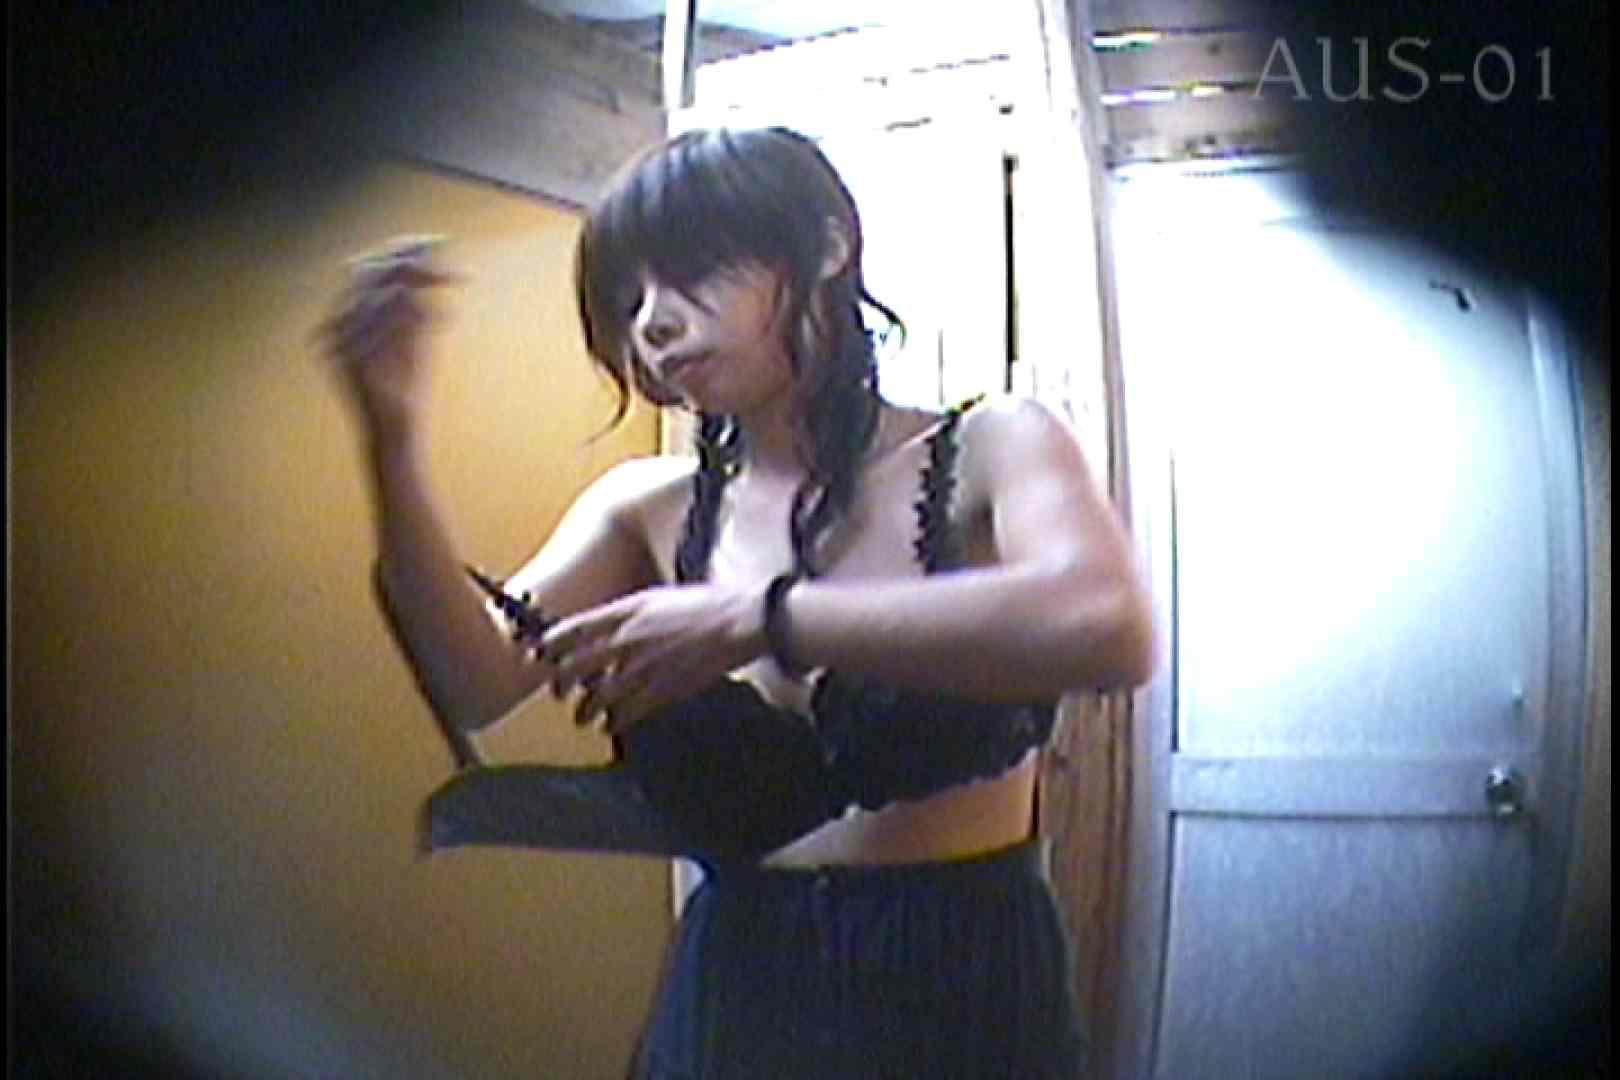 海の家の更衣室 Vol.01 美女 アダルト動画キャプチャ 104枚 93